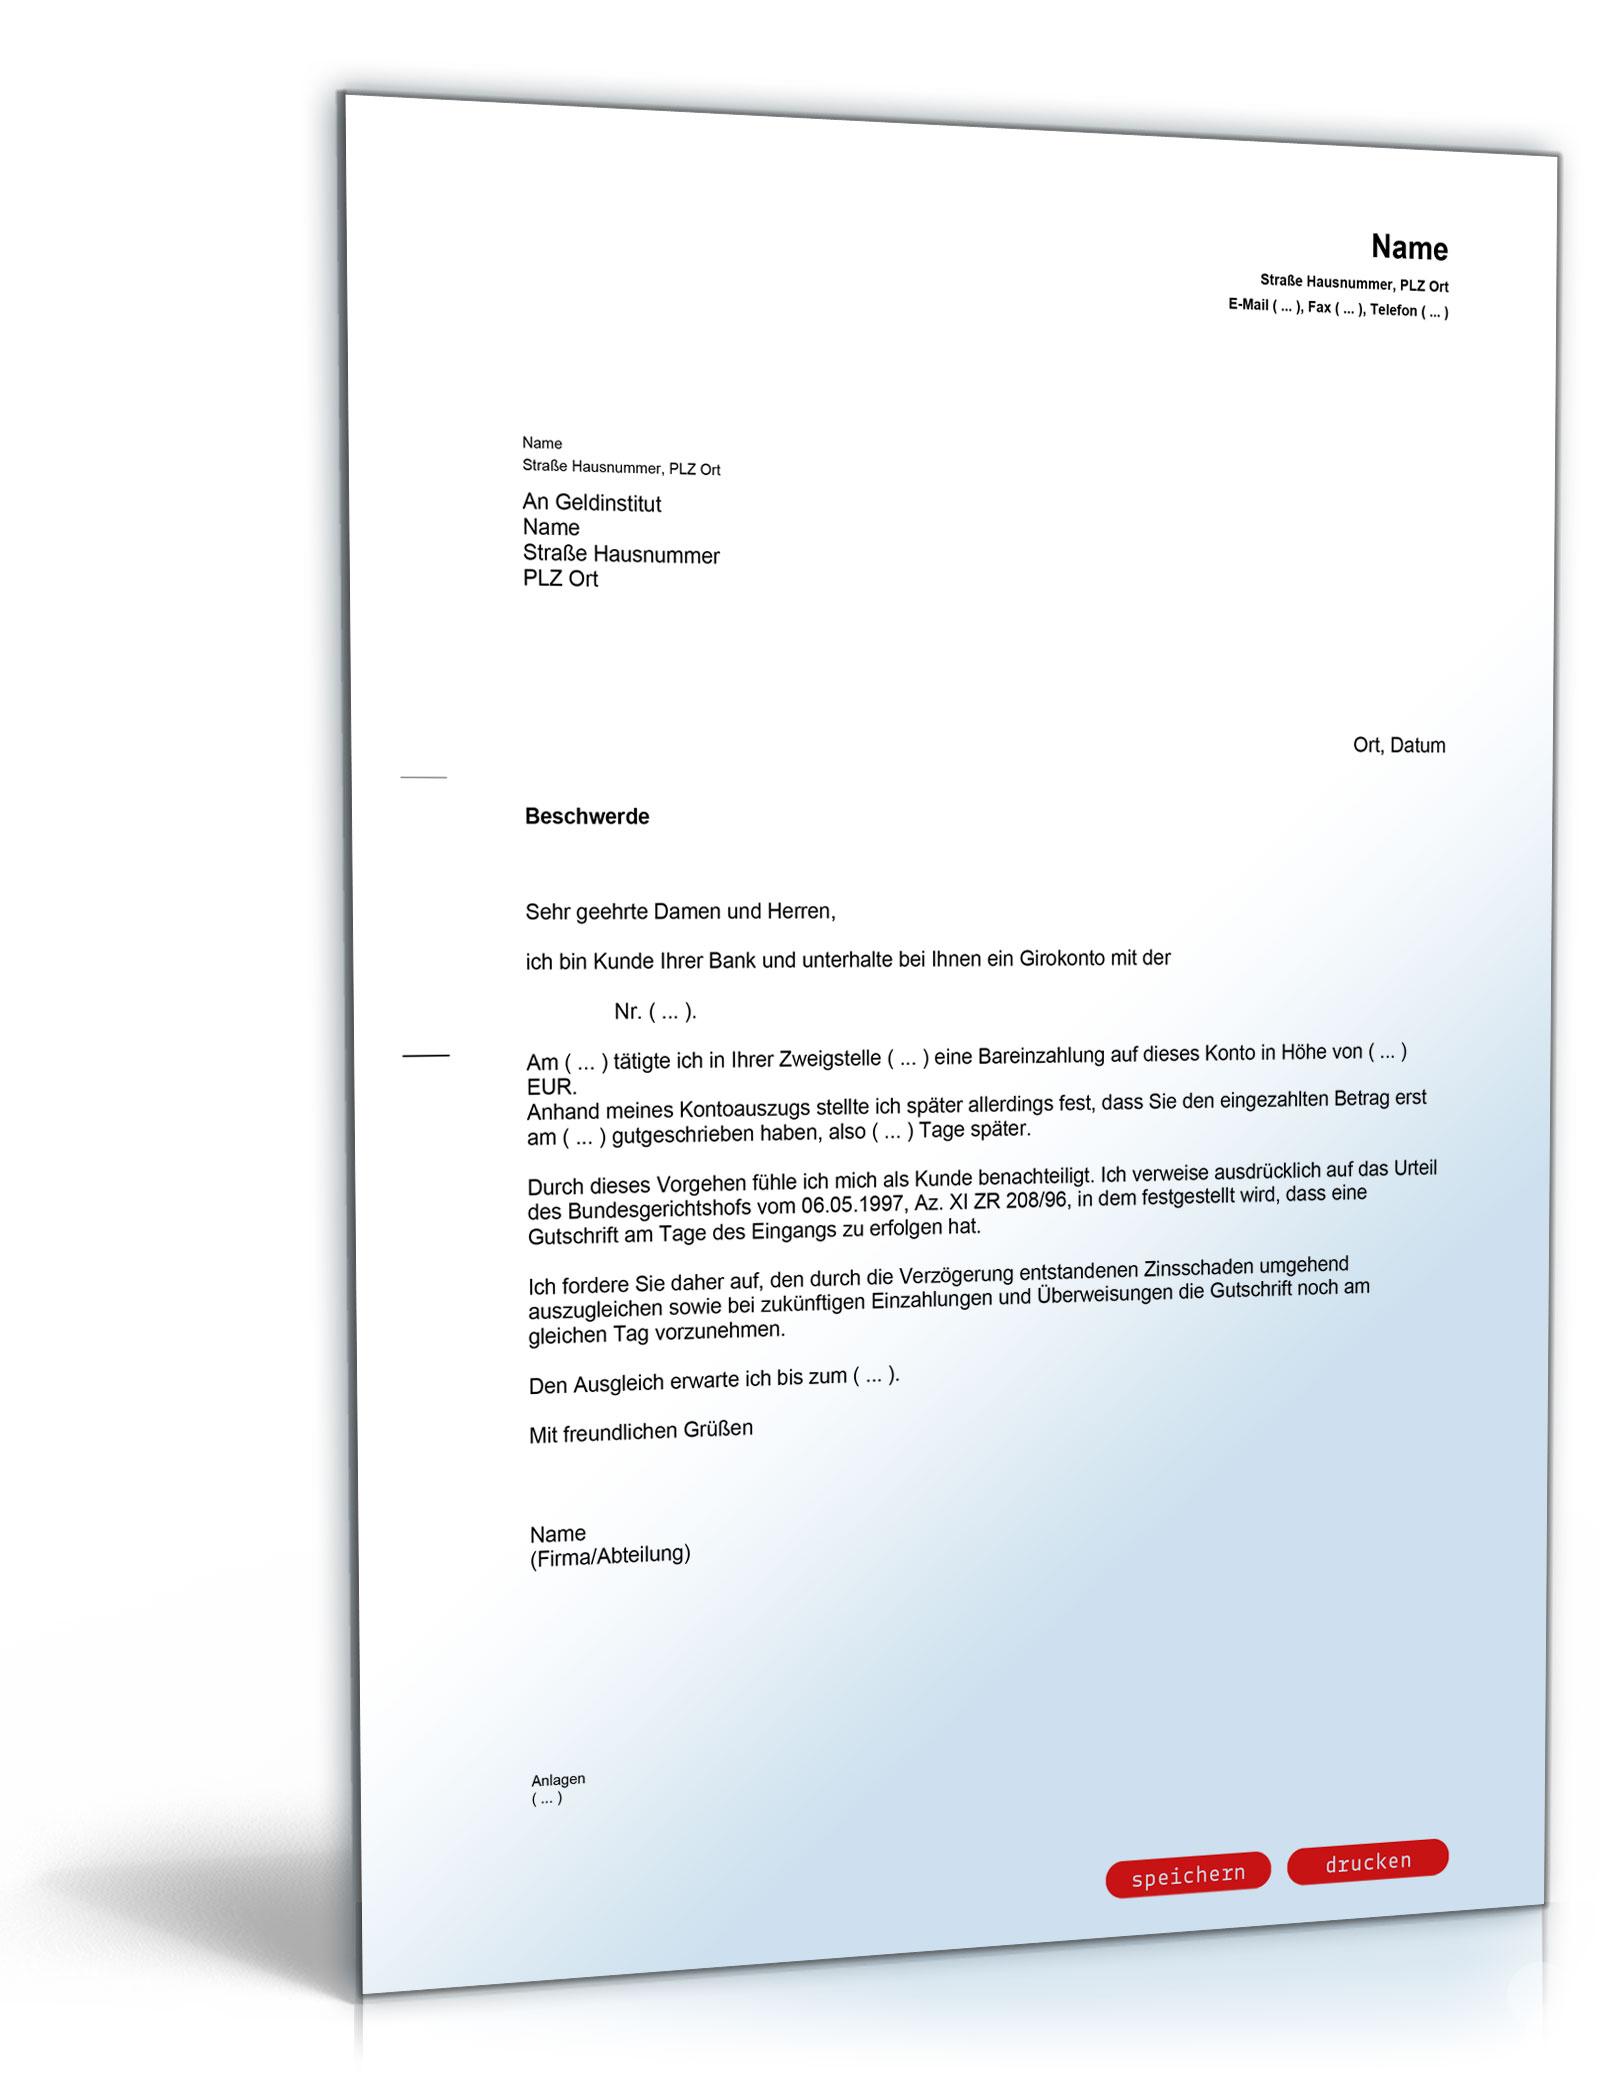 Beschwerde bei einer Bank wegen verspäteter Gutschrift